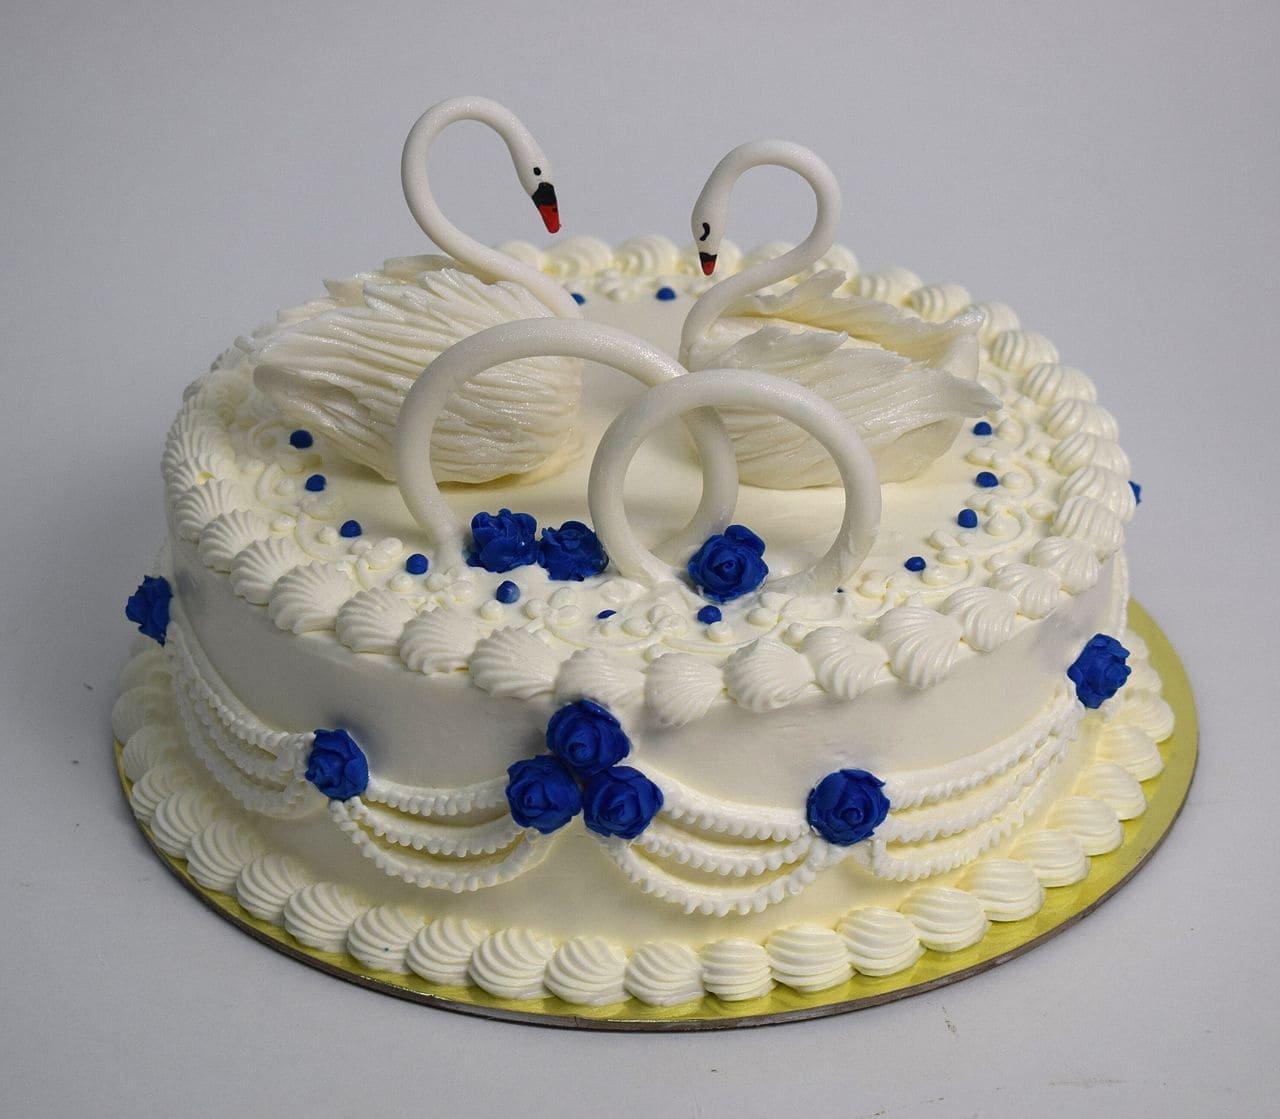 рынок одноярусные свадебные торты фото самые красивые правильно